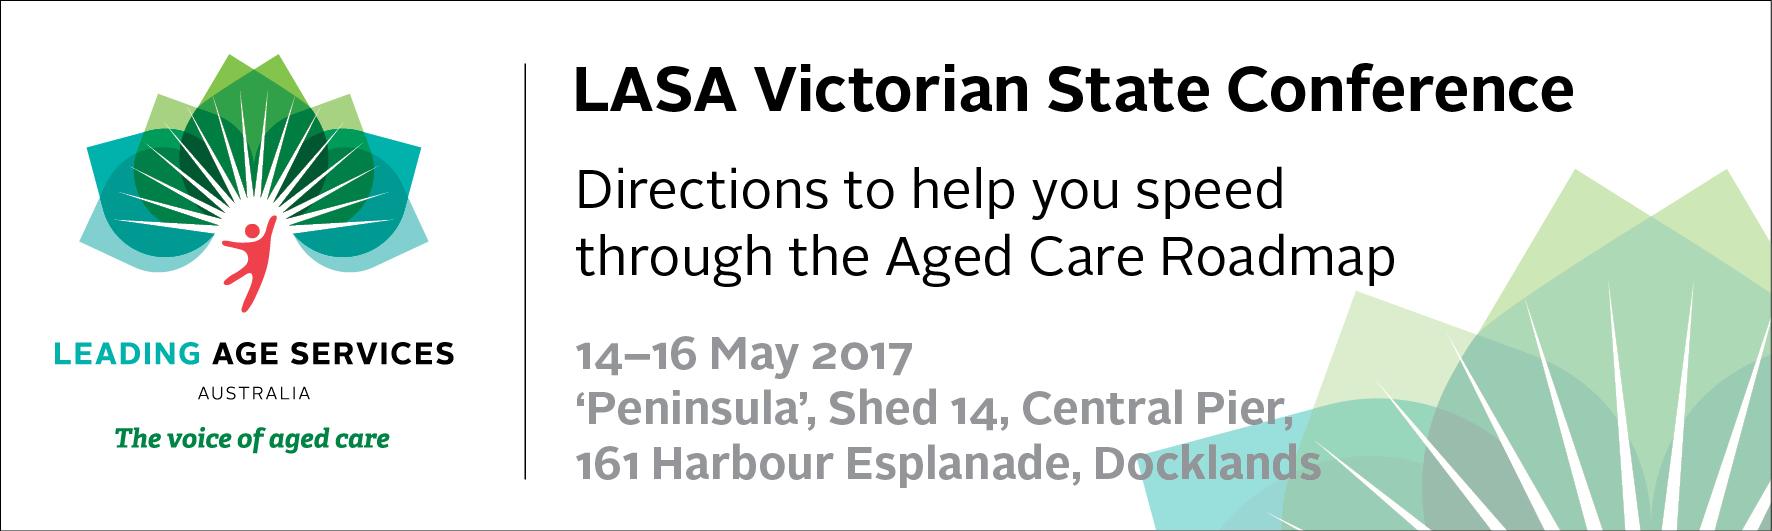 LASA Victorian State Conference 2017